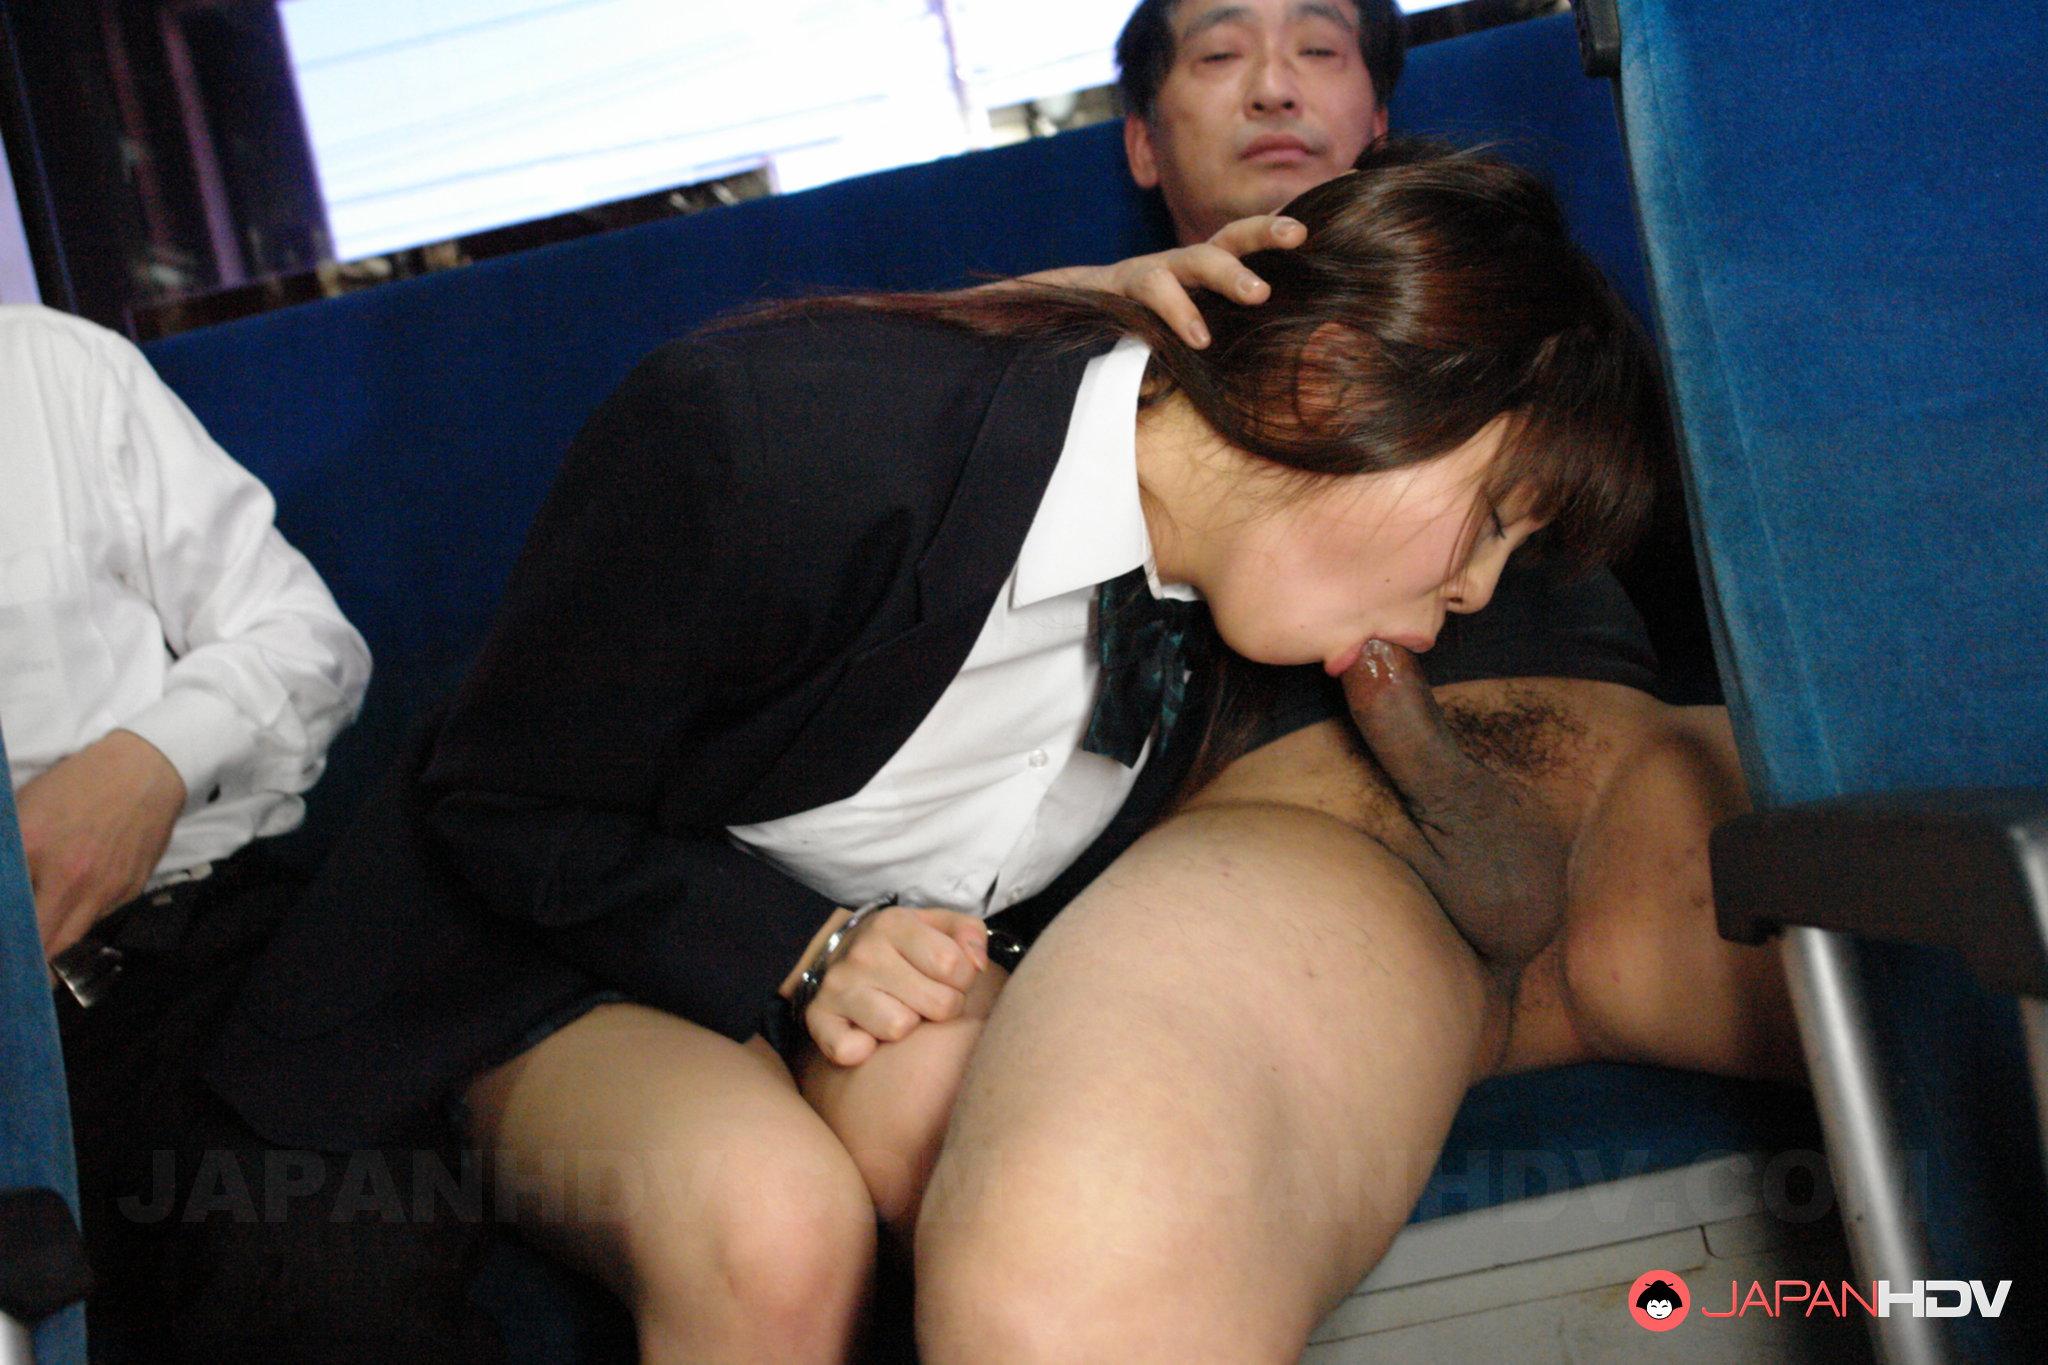 Любительский кинофильмы общественных секс стюардессы